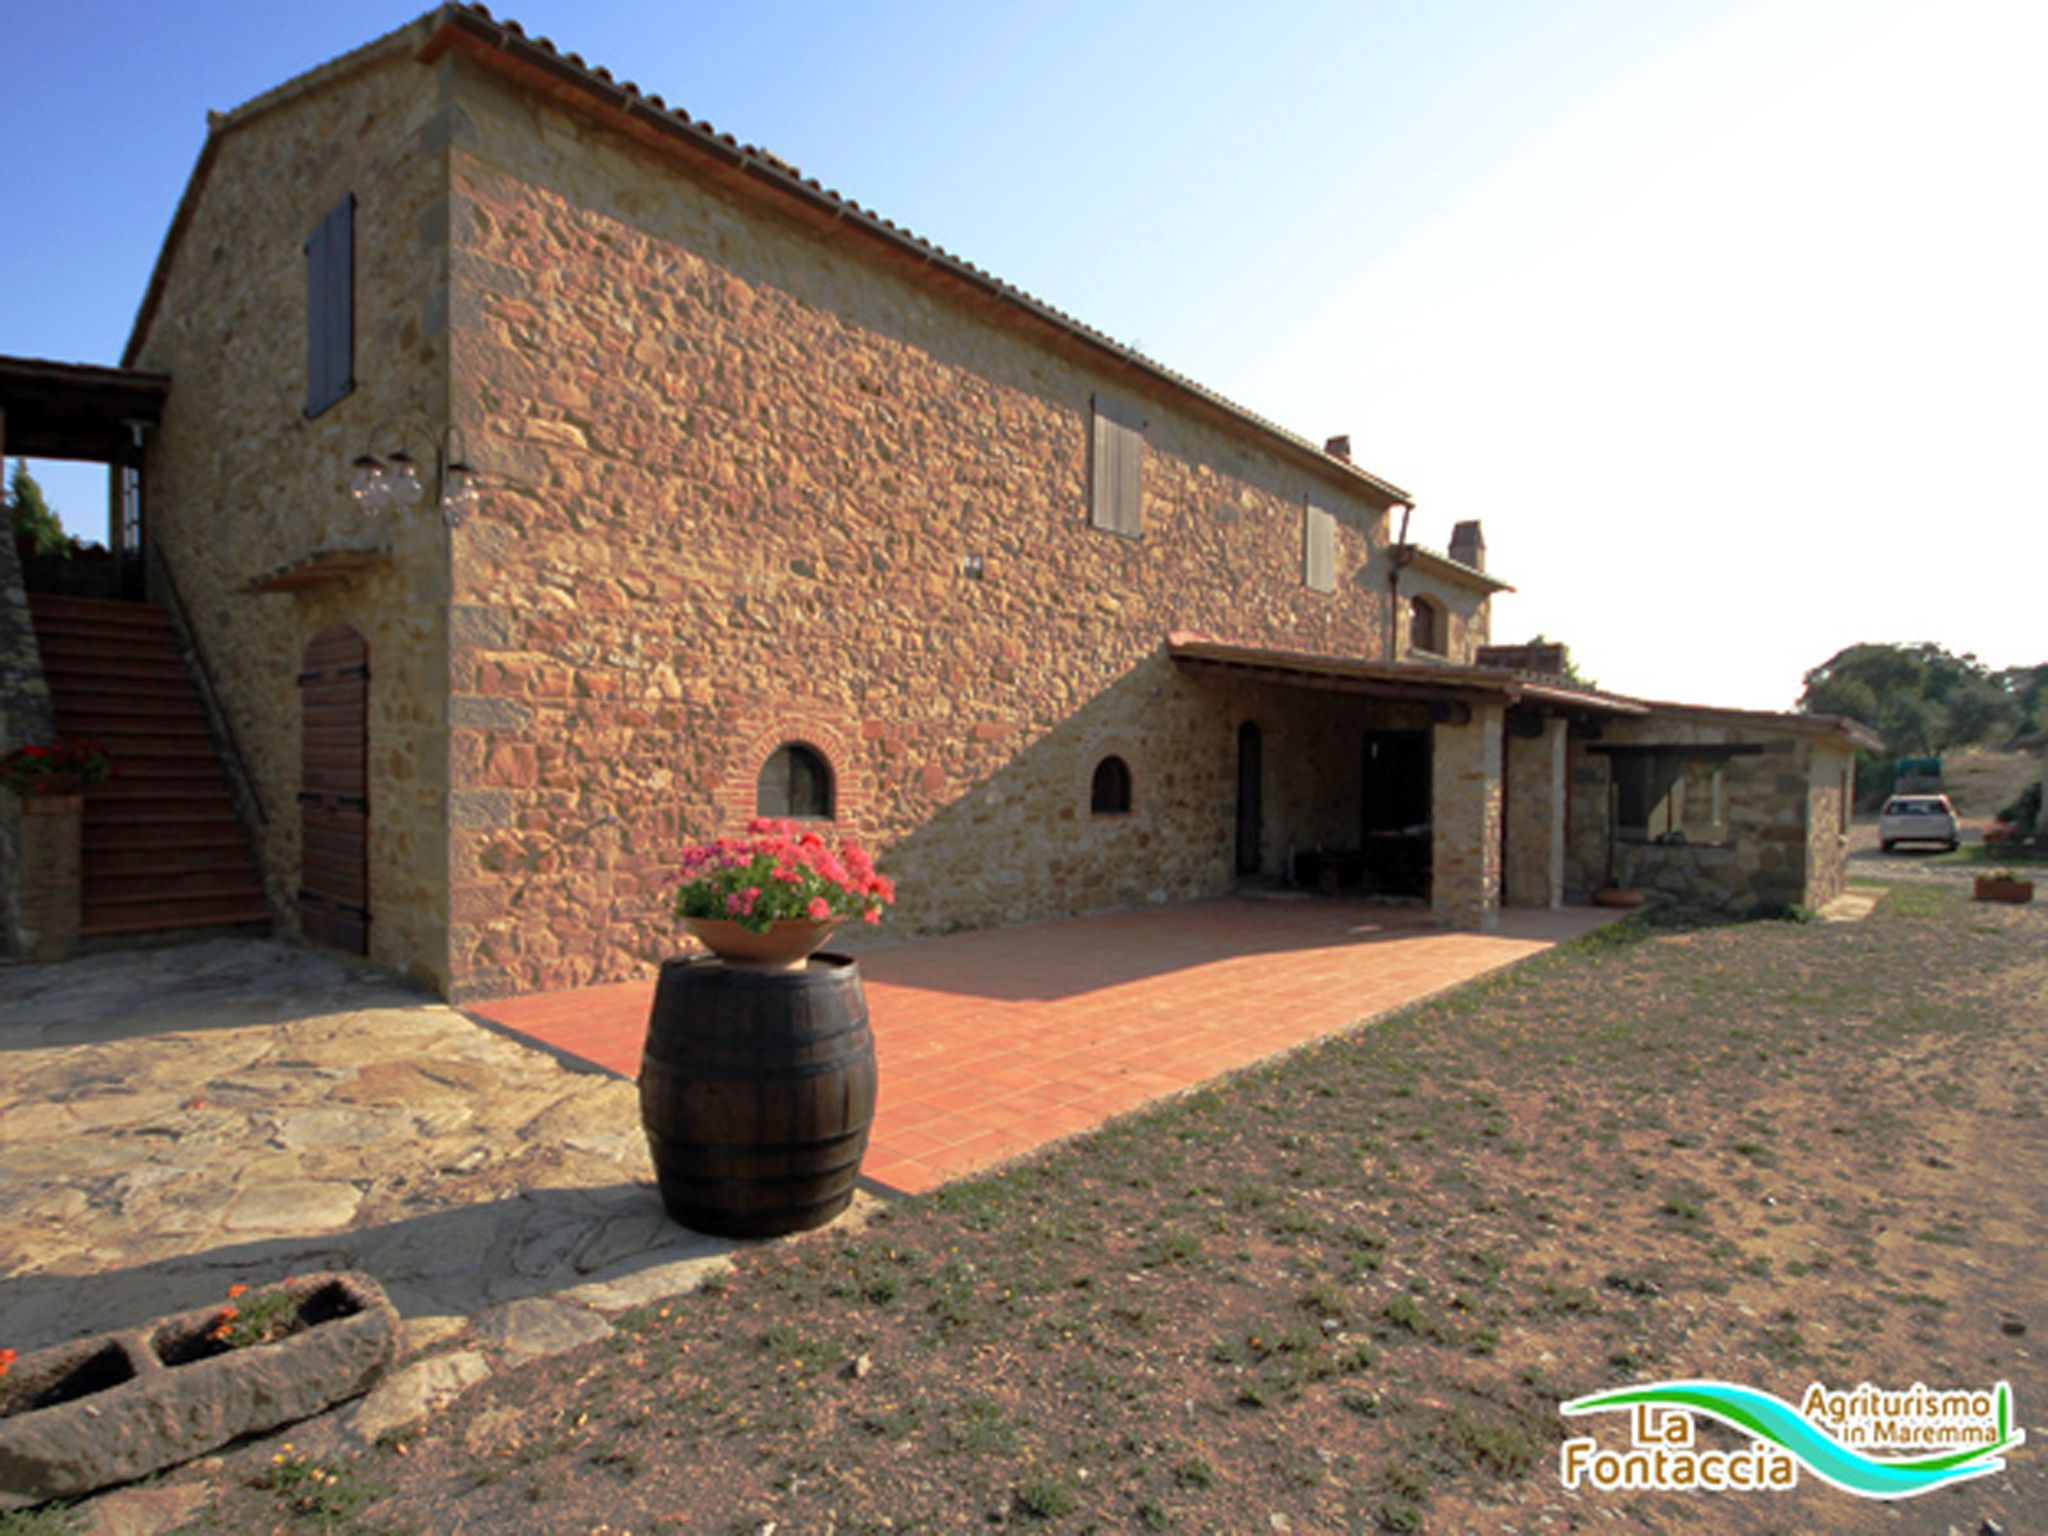 Villa Fontaccia - Villa Fontaccia photo 13831179